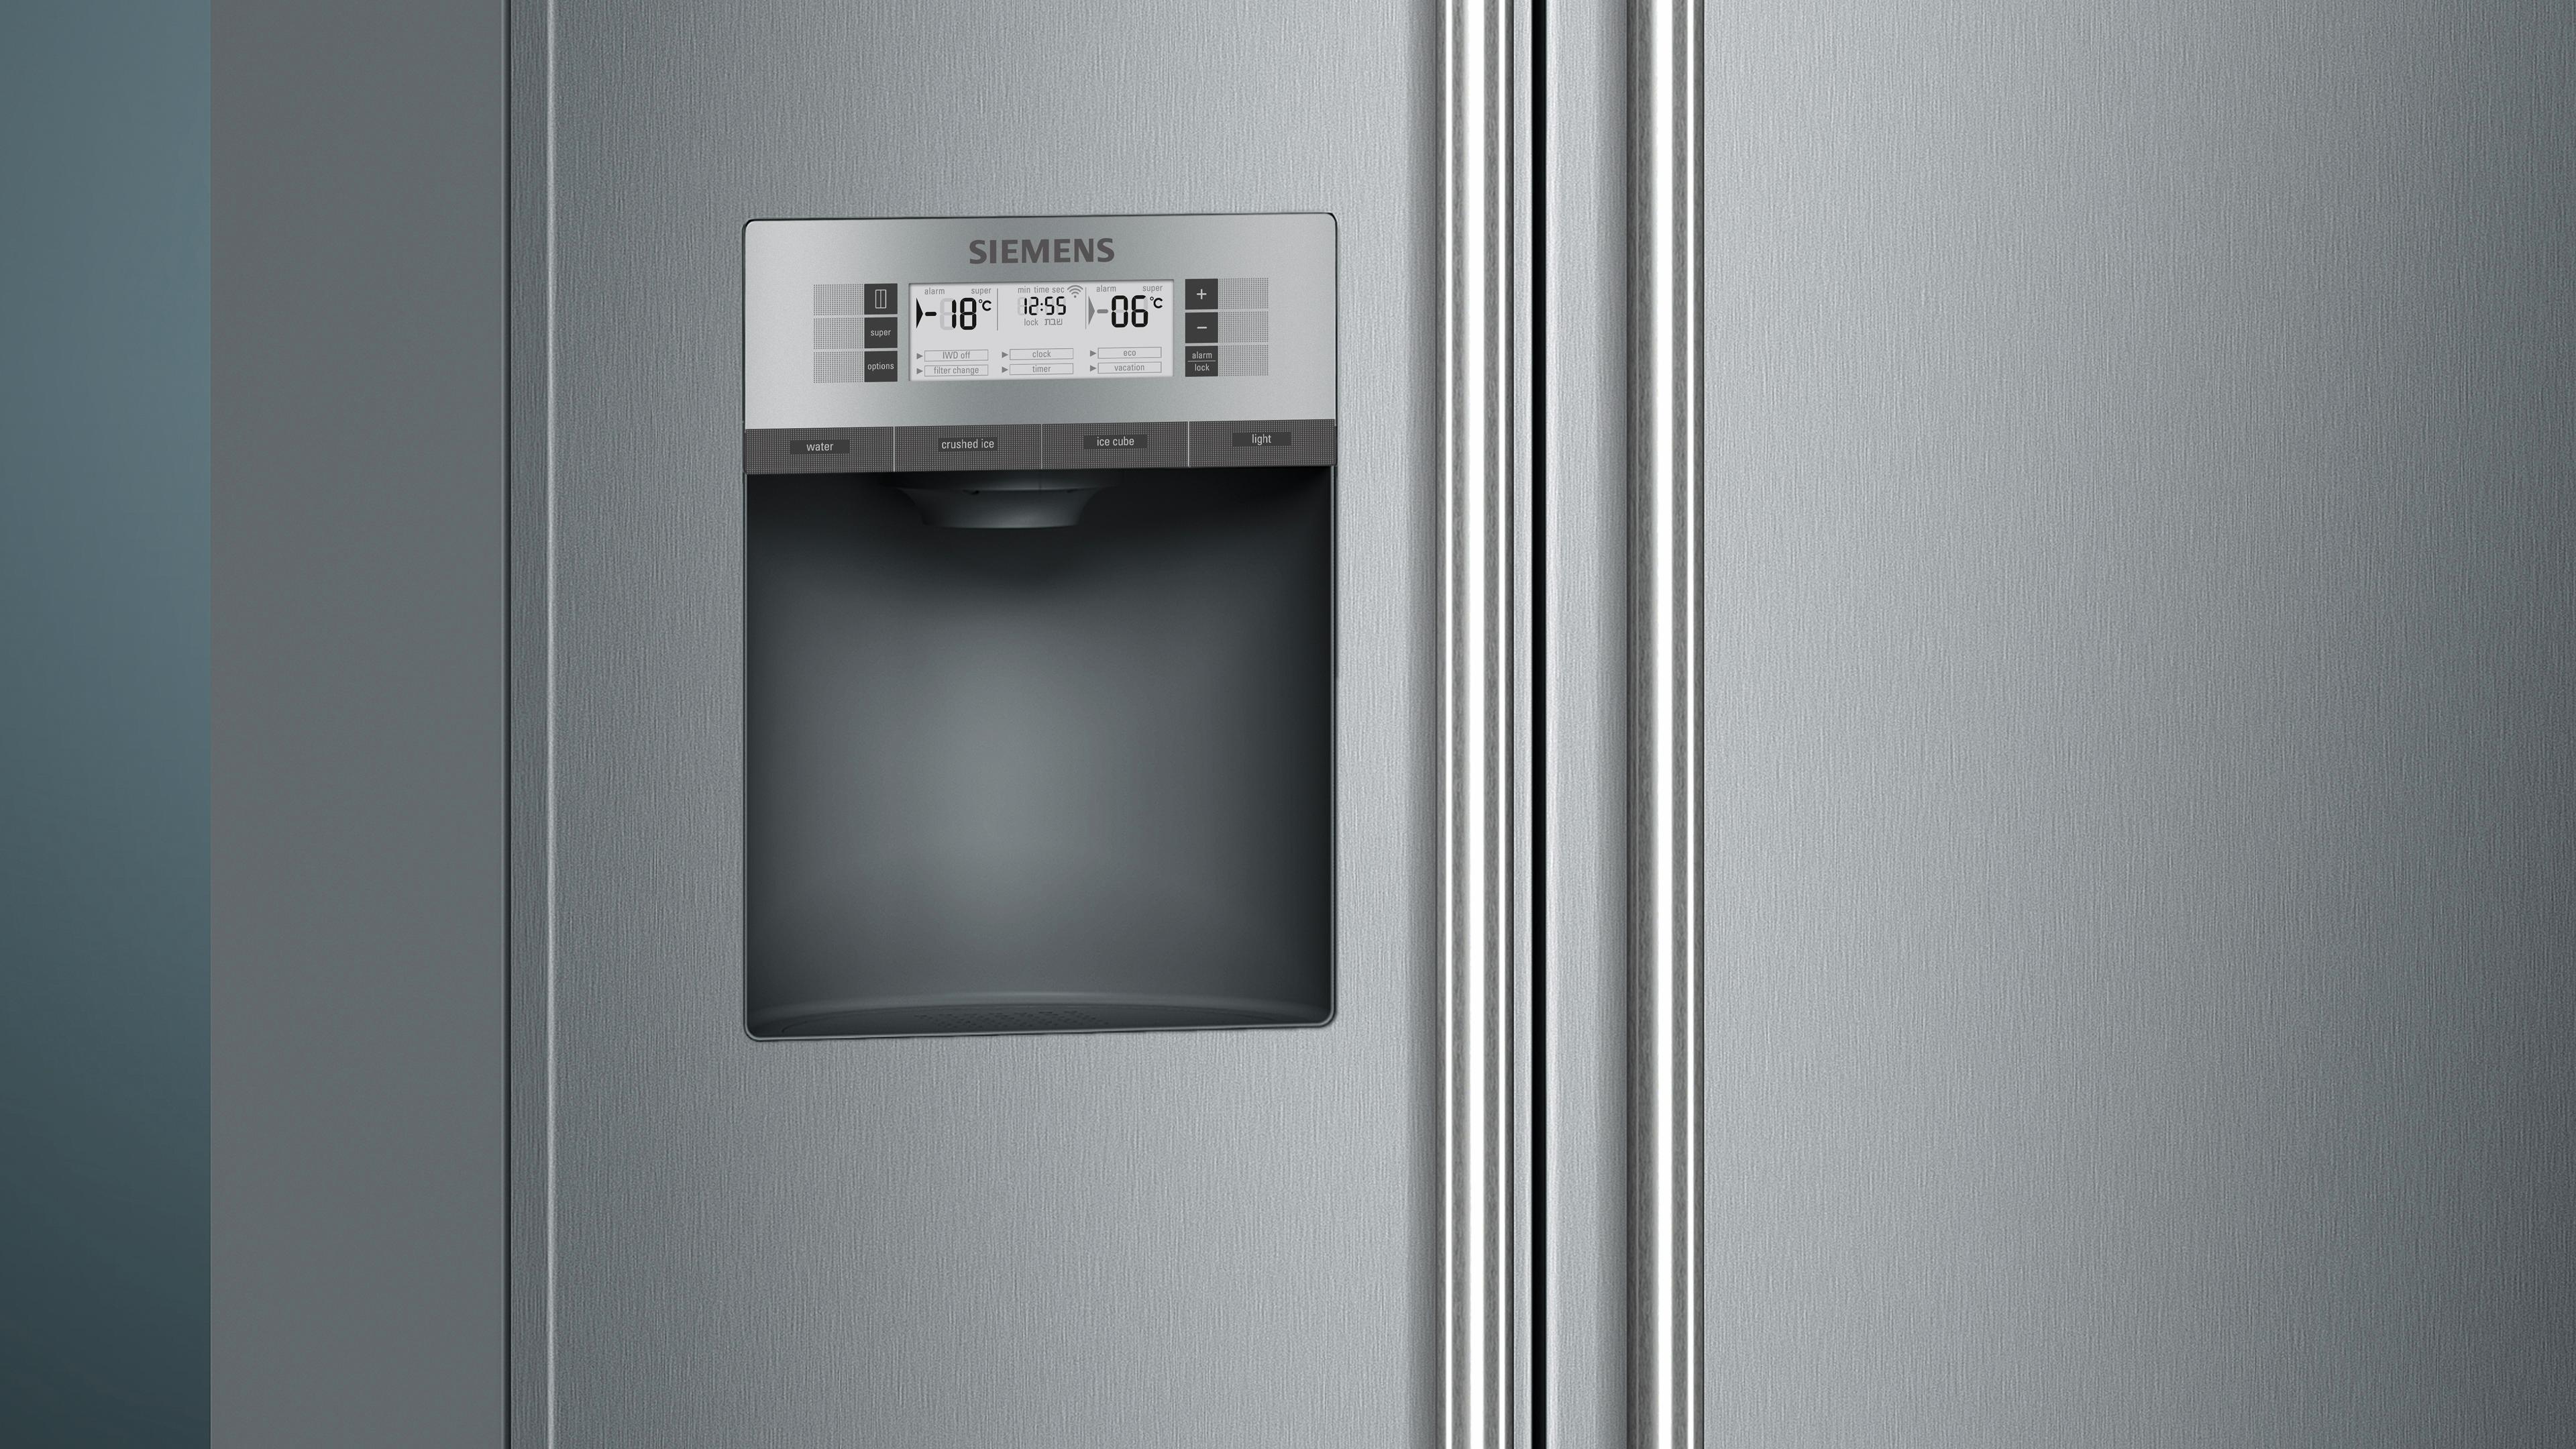 Siemens Kühlschrank Lock : Küchen günstig kaufen u2013 top qualität service küchen küche&co